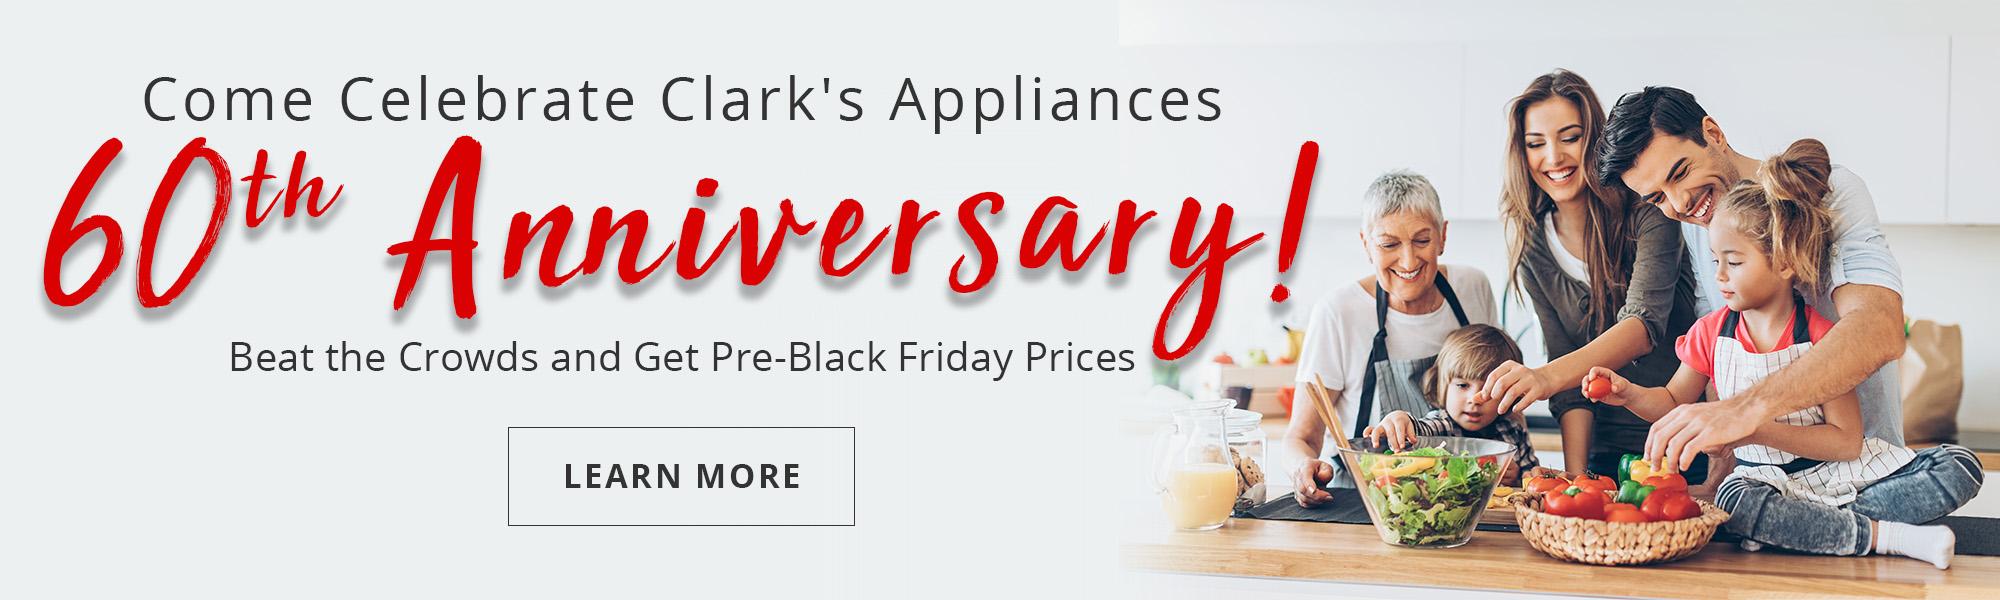 Come Celebrate Clark's Appliance's 60th Anniversary!